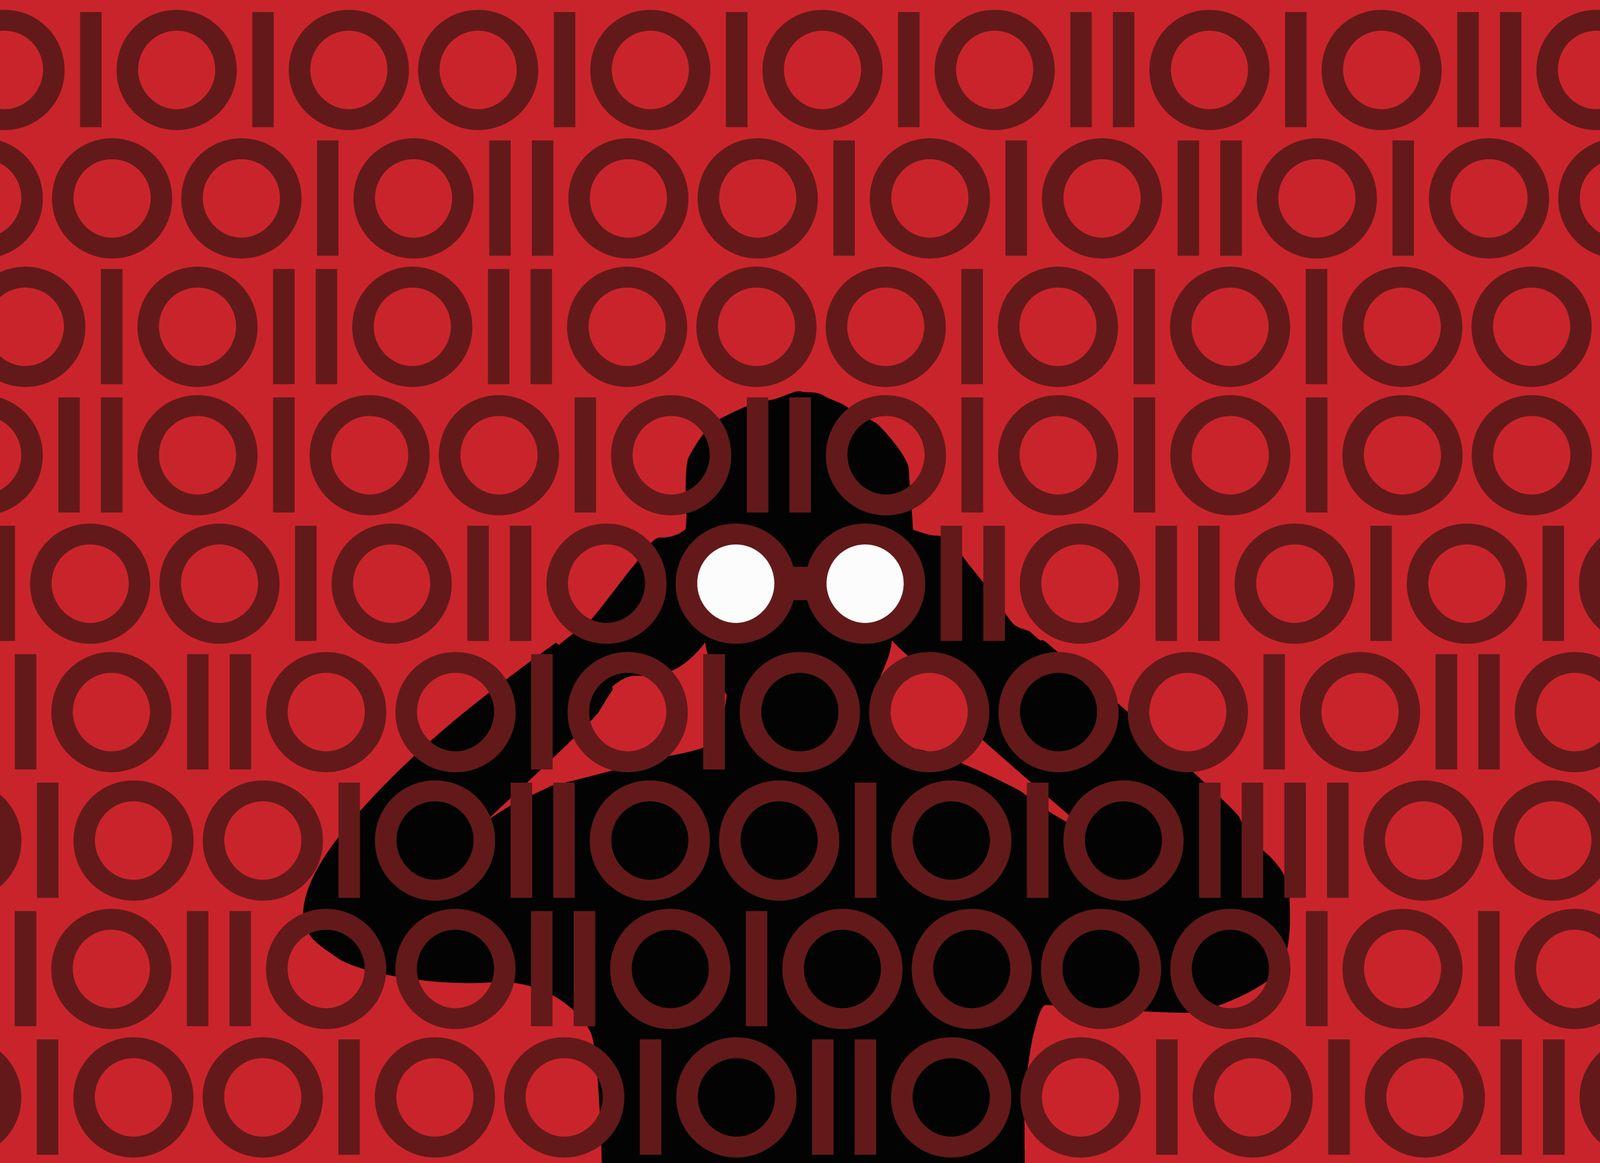 NICHT MEHR VERWENDEN! - SYMBOLBILD / Underground / Hacker / Fernglas / Spionage